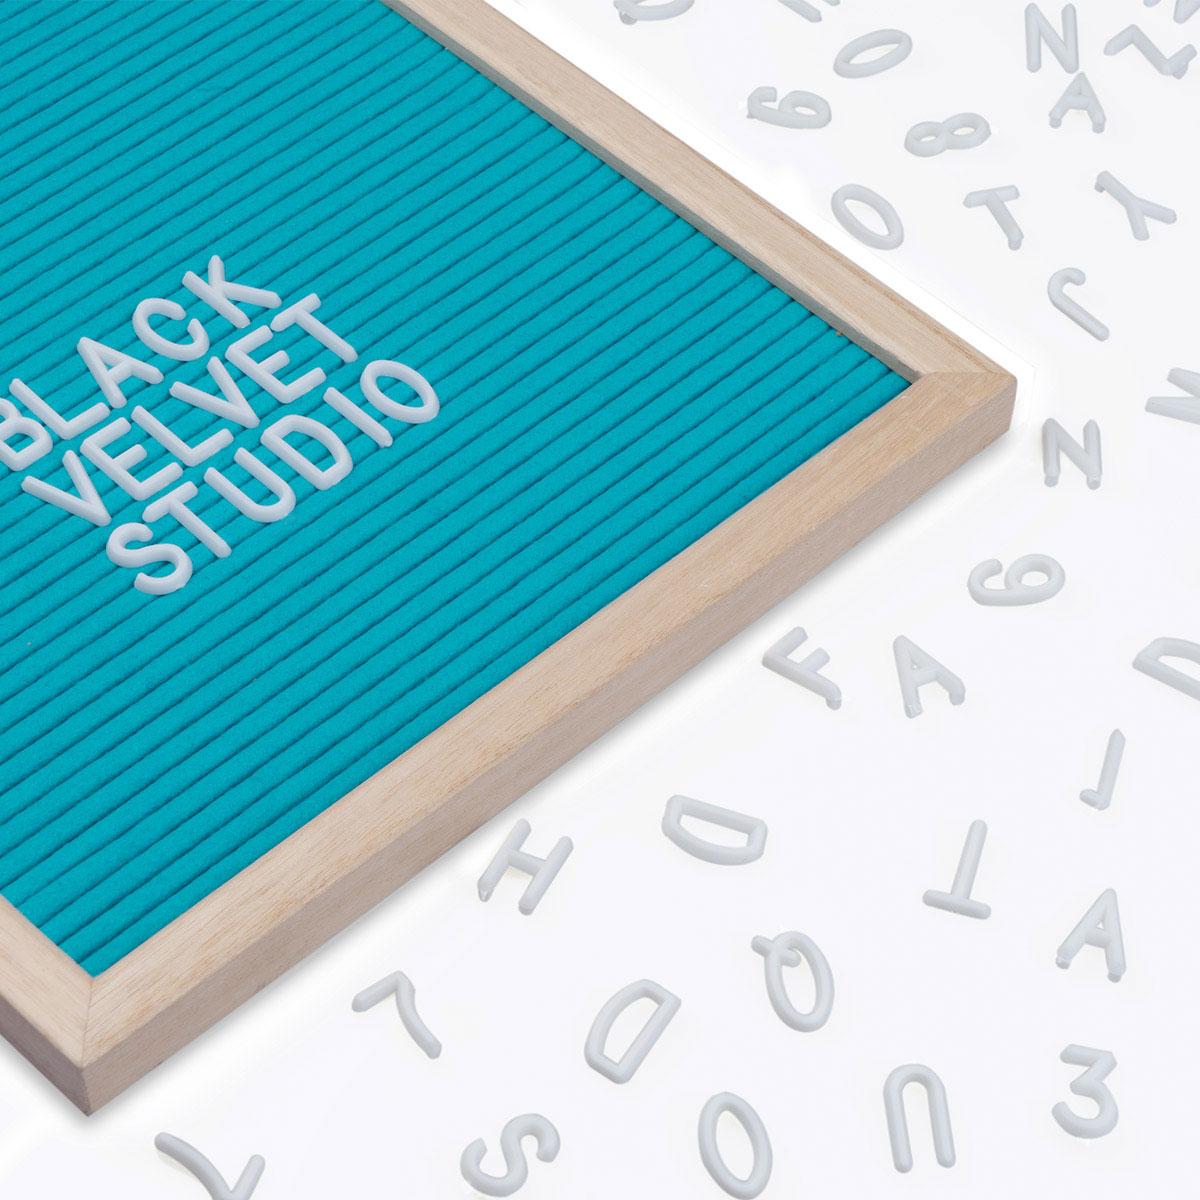 Tablero letras Word, madera y fieltro, color natural y turquesa, rectangular,149 letras, 45x30x2 cm